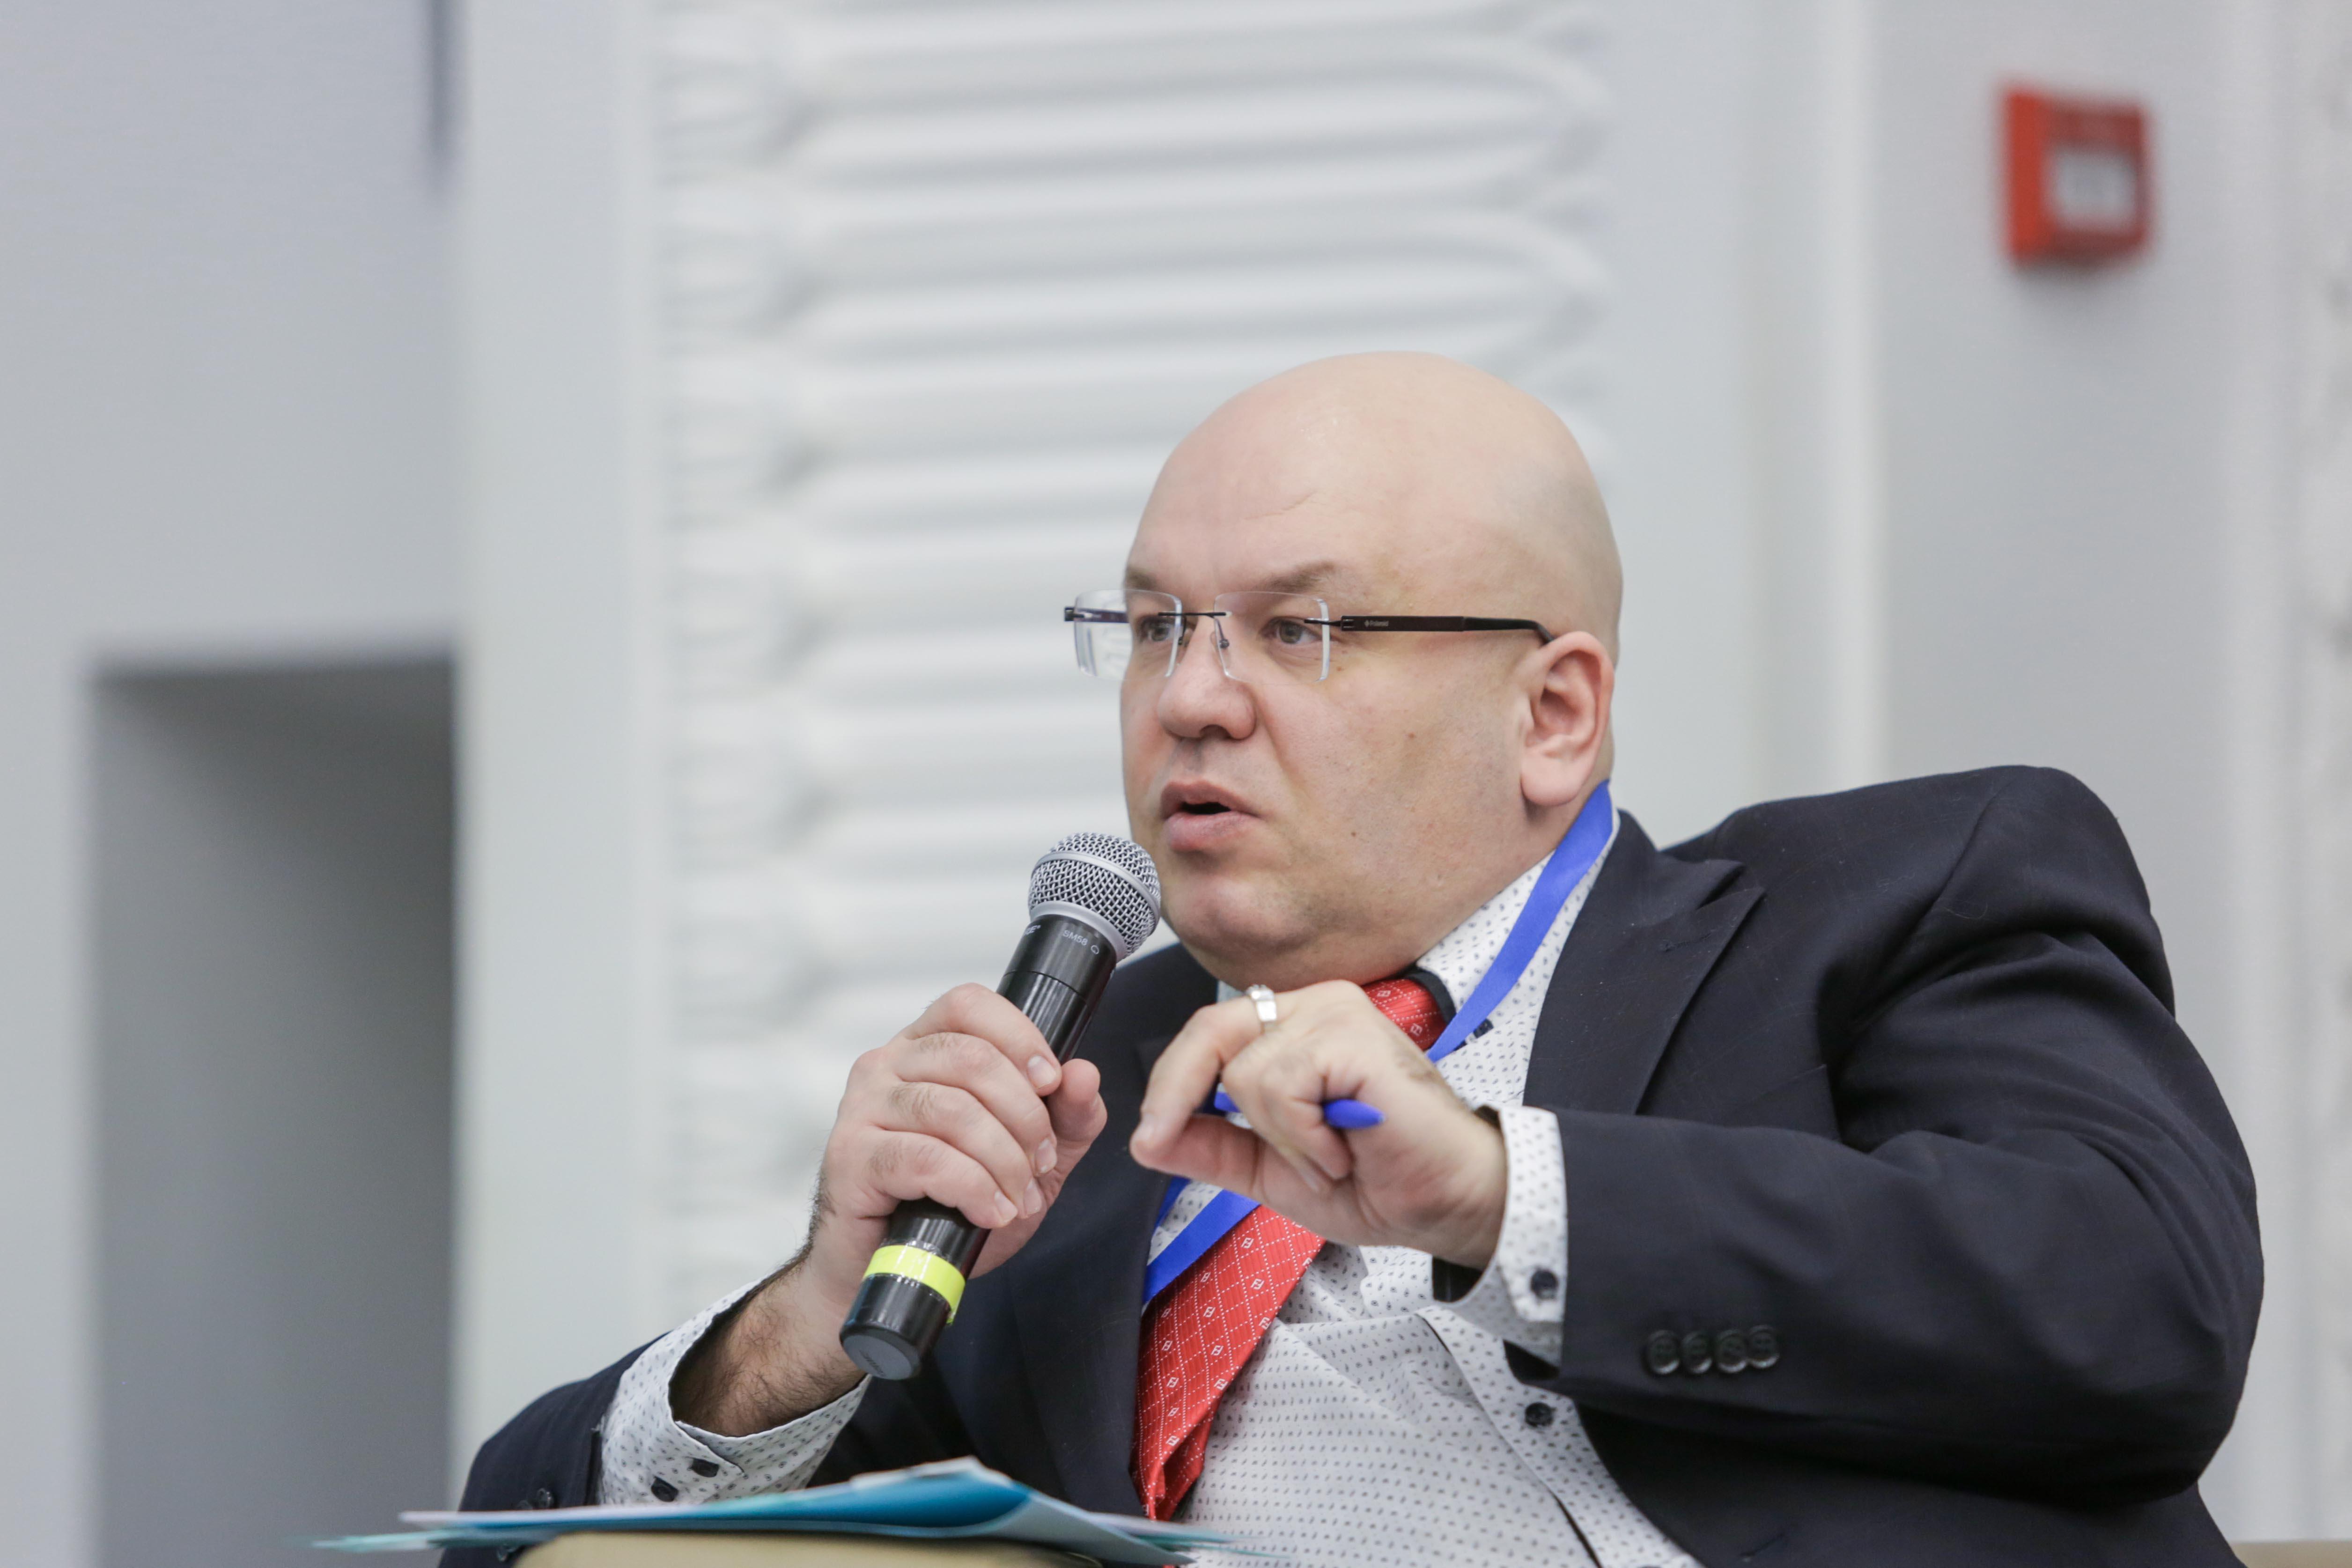 проконтролируем молодые экономисты россии фото издевательства